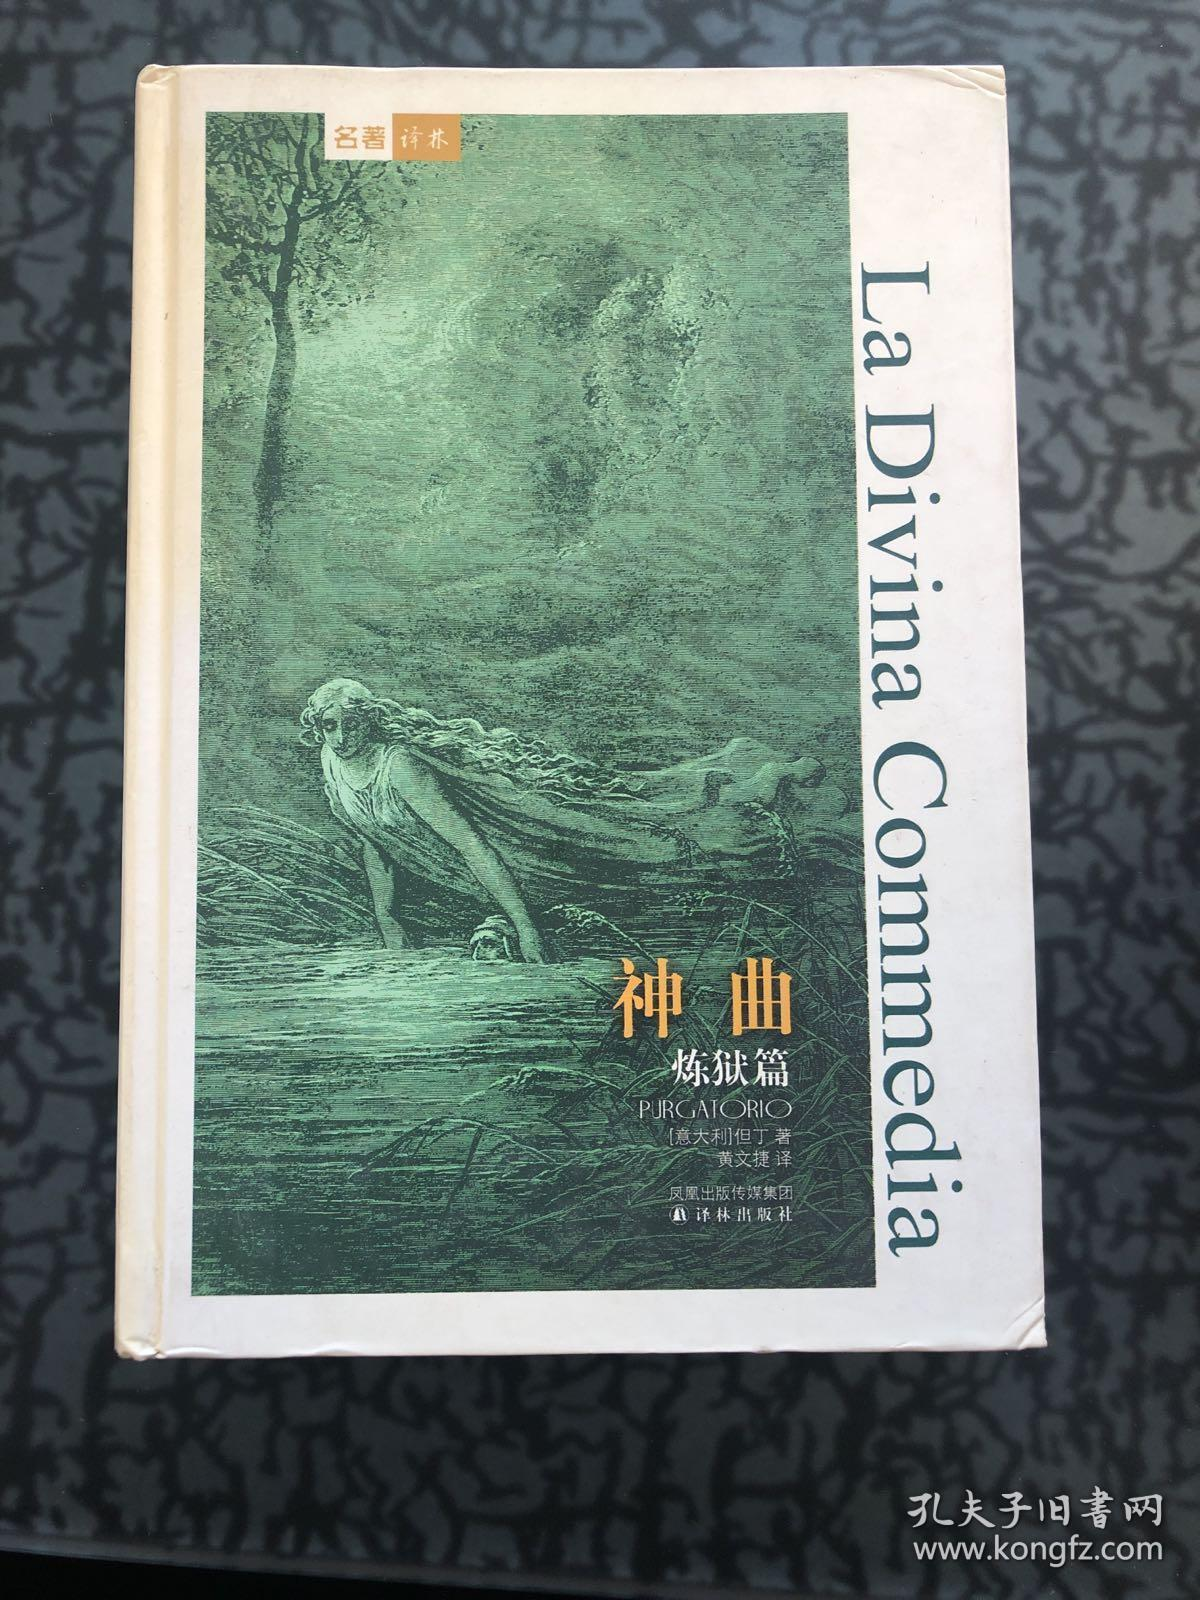 神曲:炼狱篇 /但丁 译林出版社